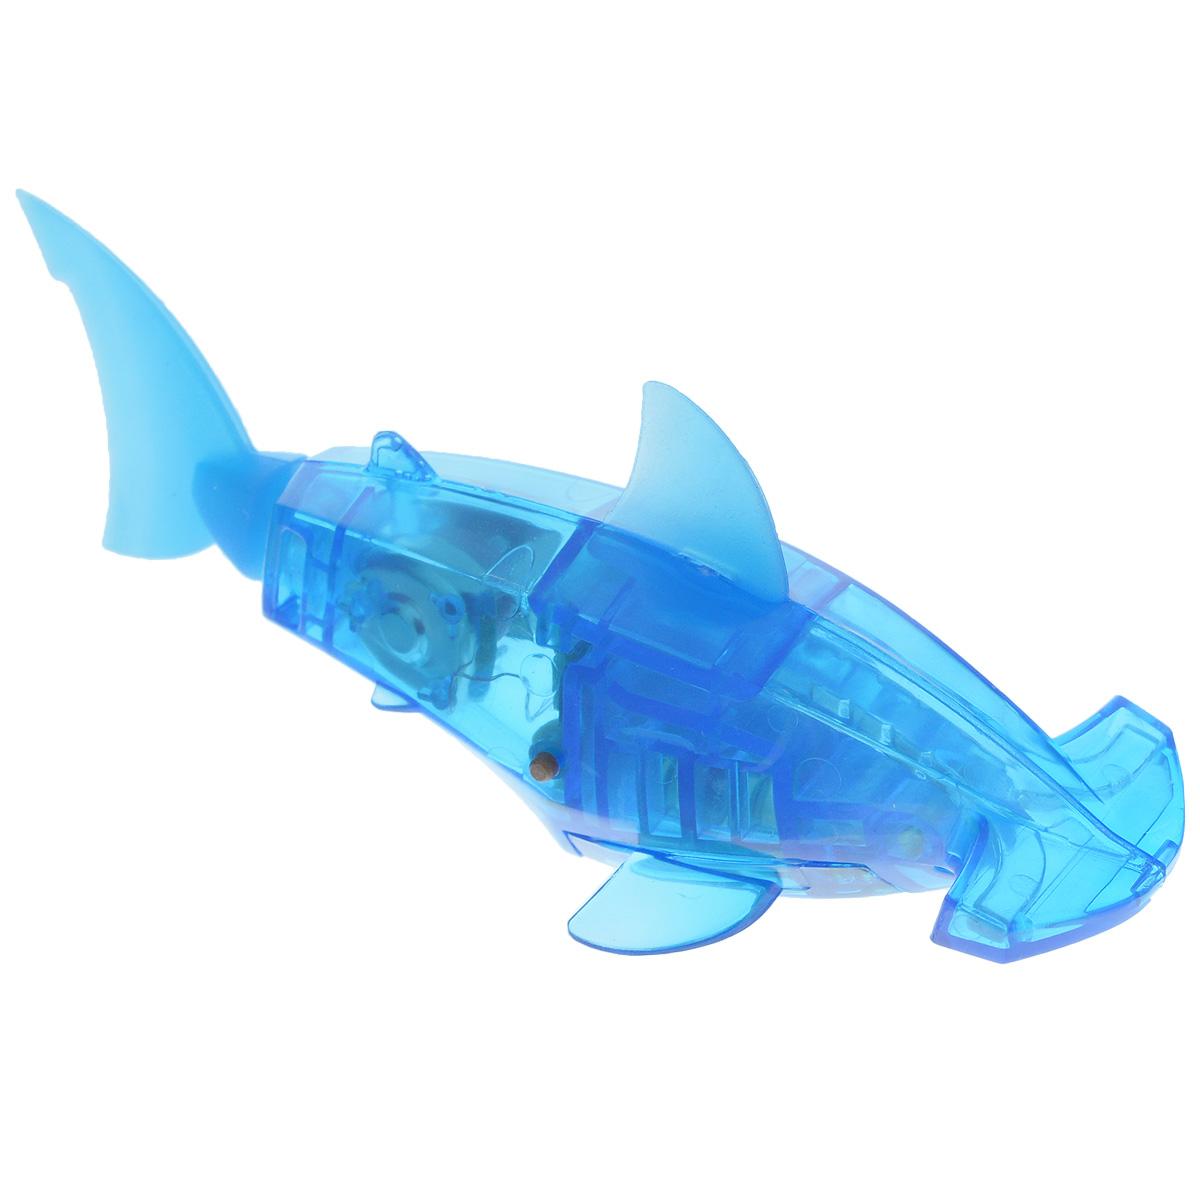 Микро-робот Hexbug Aquabot Hammerhead, со световыми эффектами, цвет: синий микро робот hexbug aquabot hammerhead цвет оранжевый